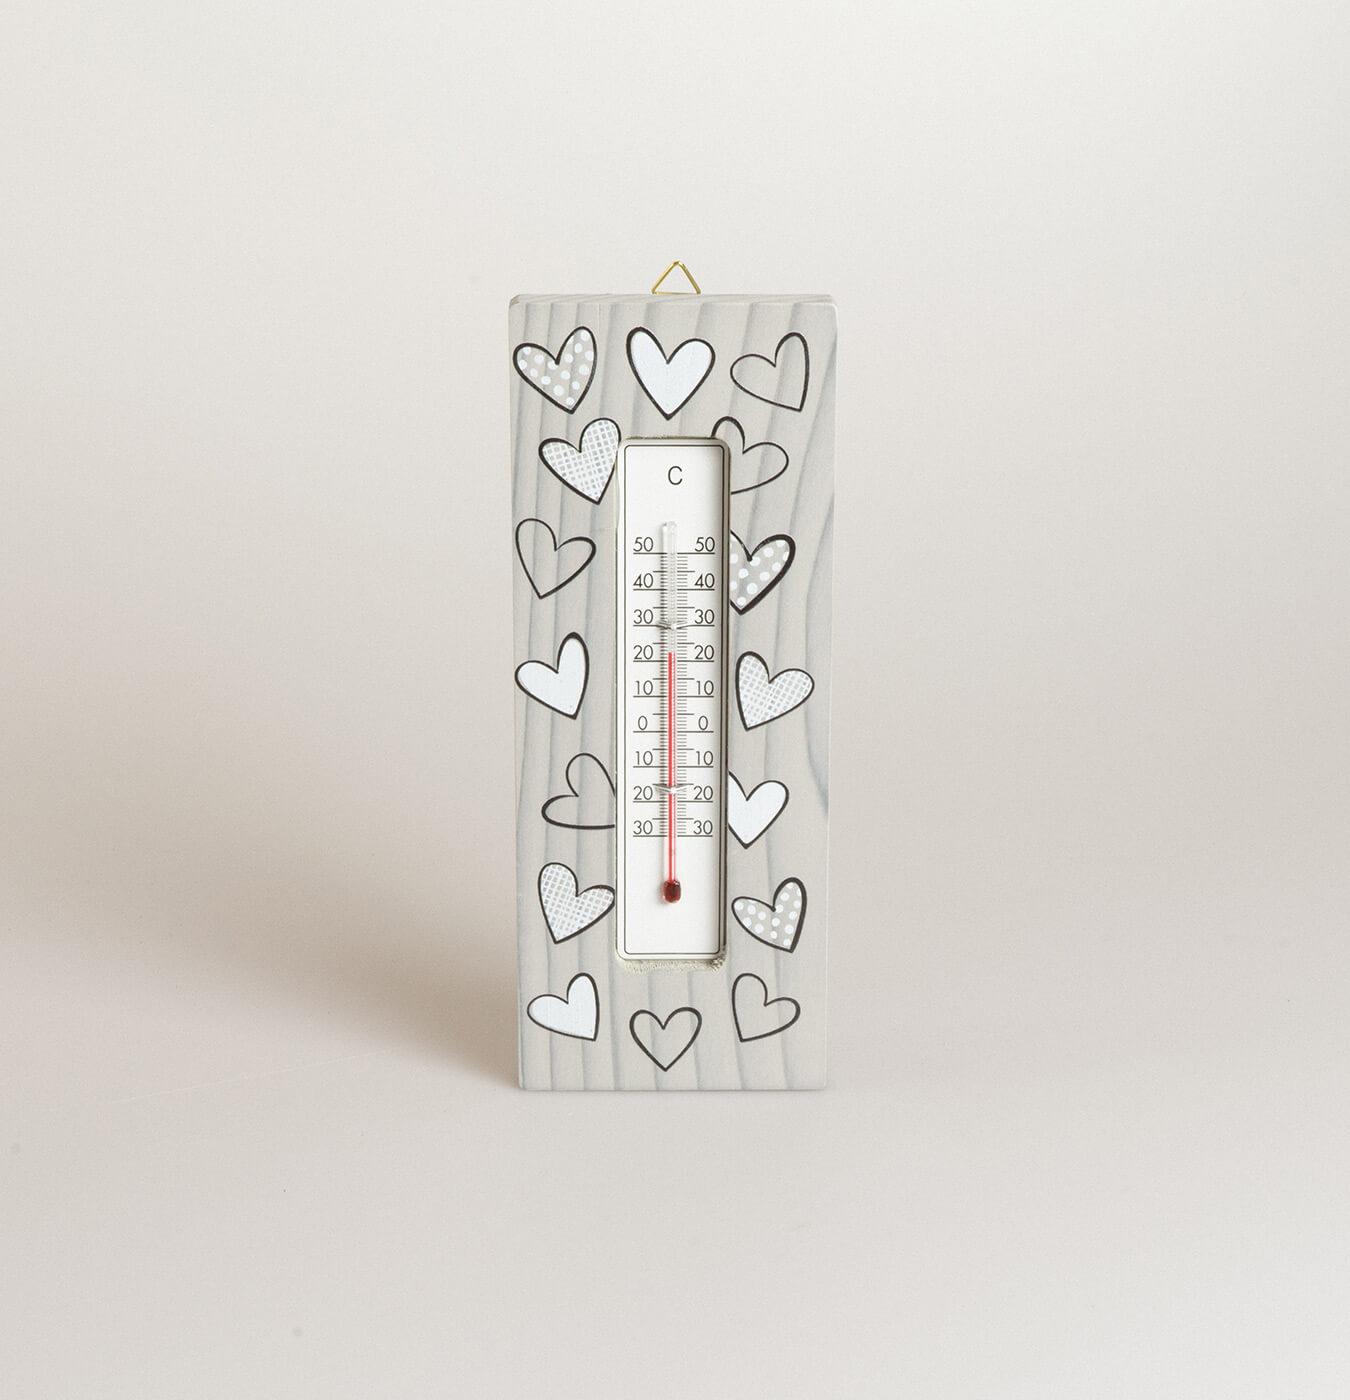 Termometro rettangolare in legno di abete